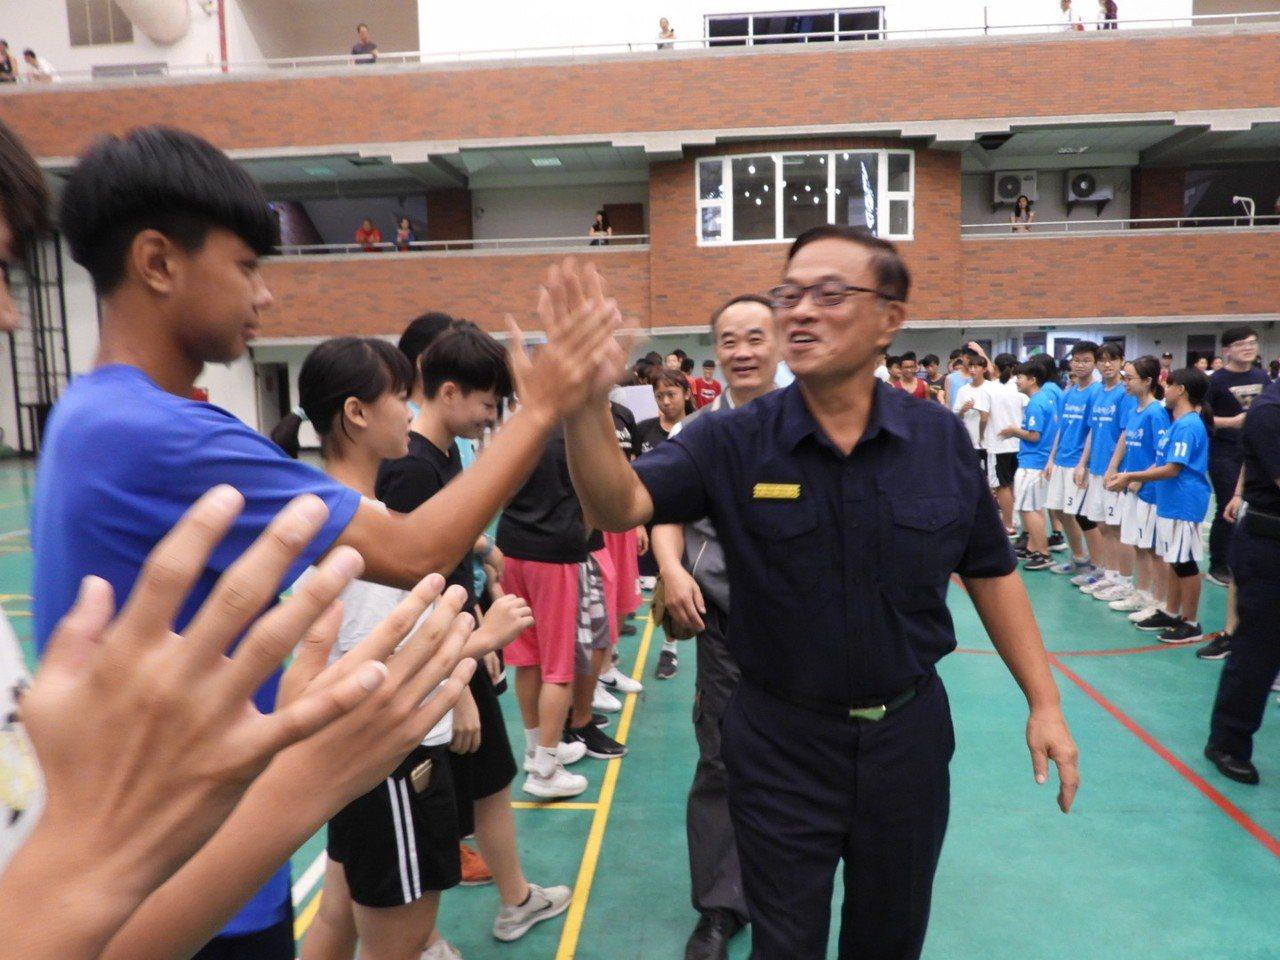 台南市警察局長黃宗仁進場時與成列歡迎的學生一一擊掌,展現巨星般風采。記者周宗禎/...